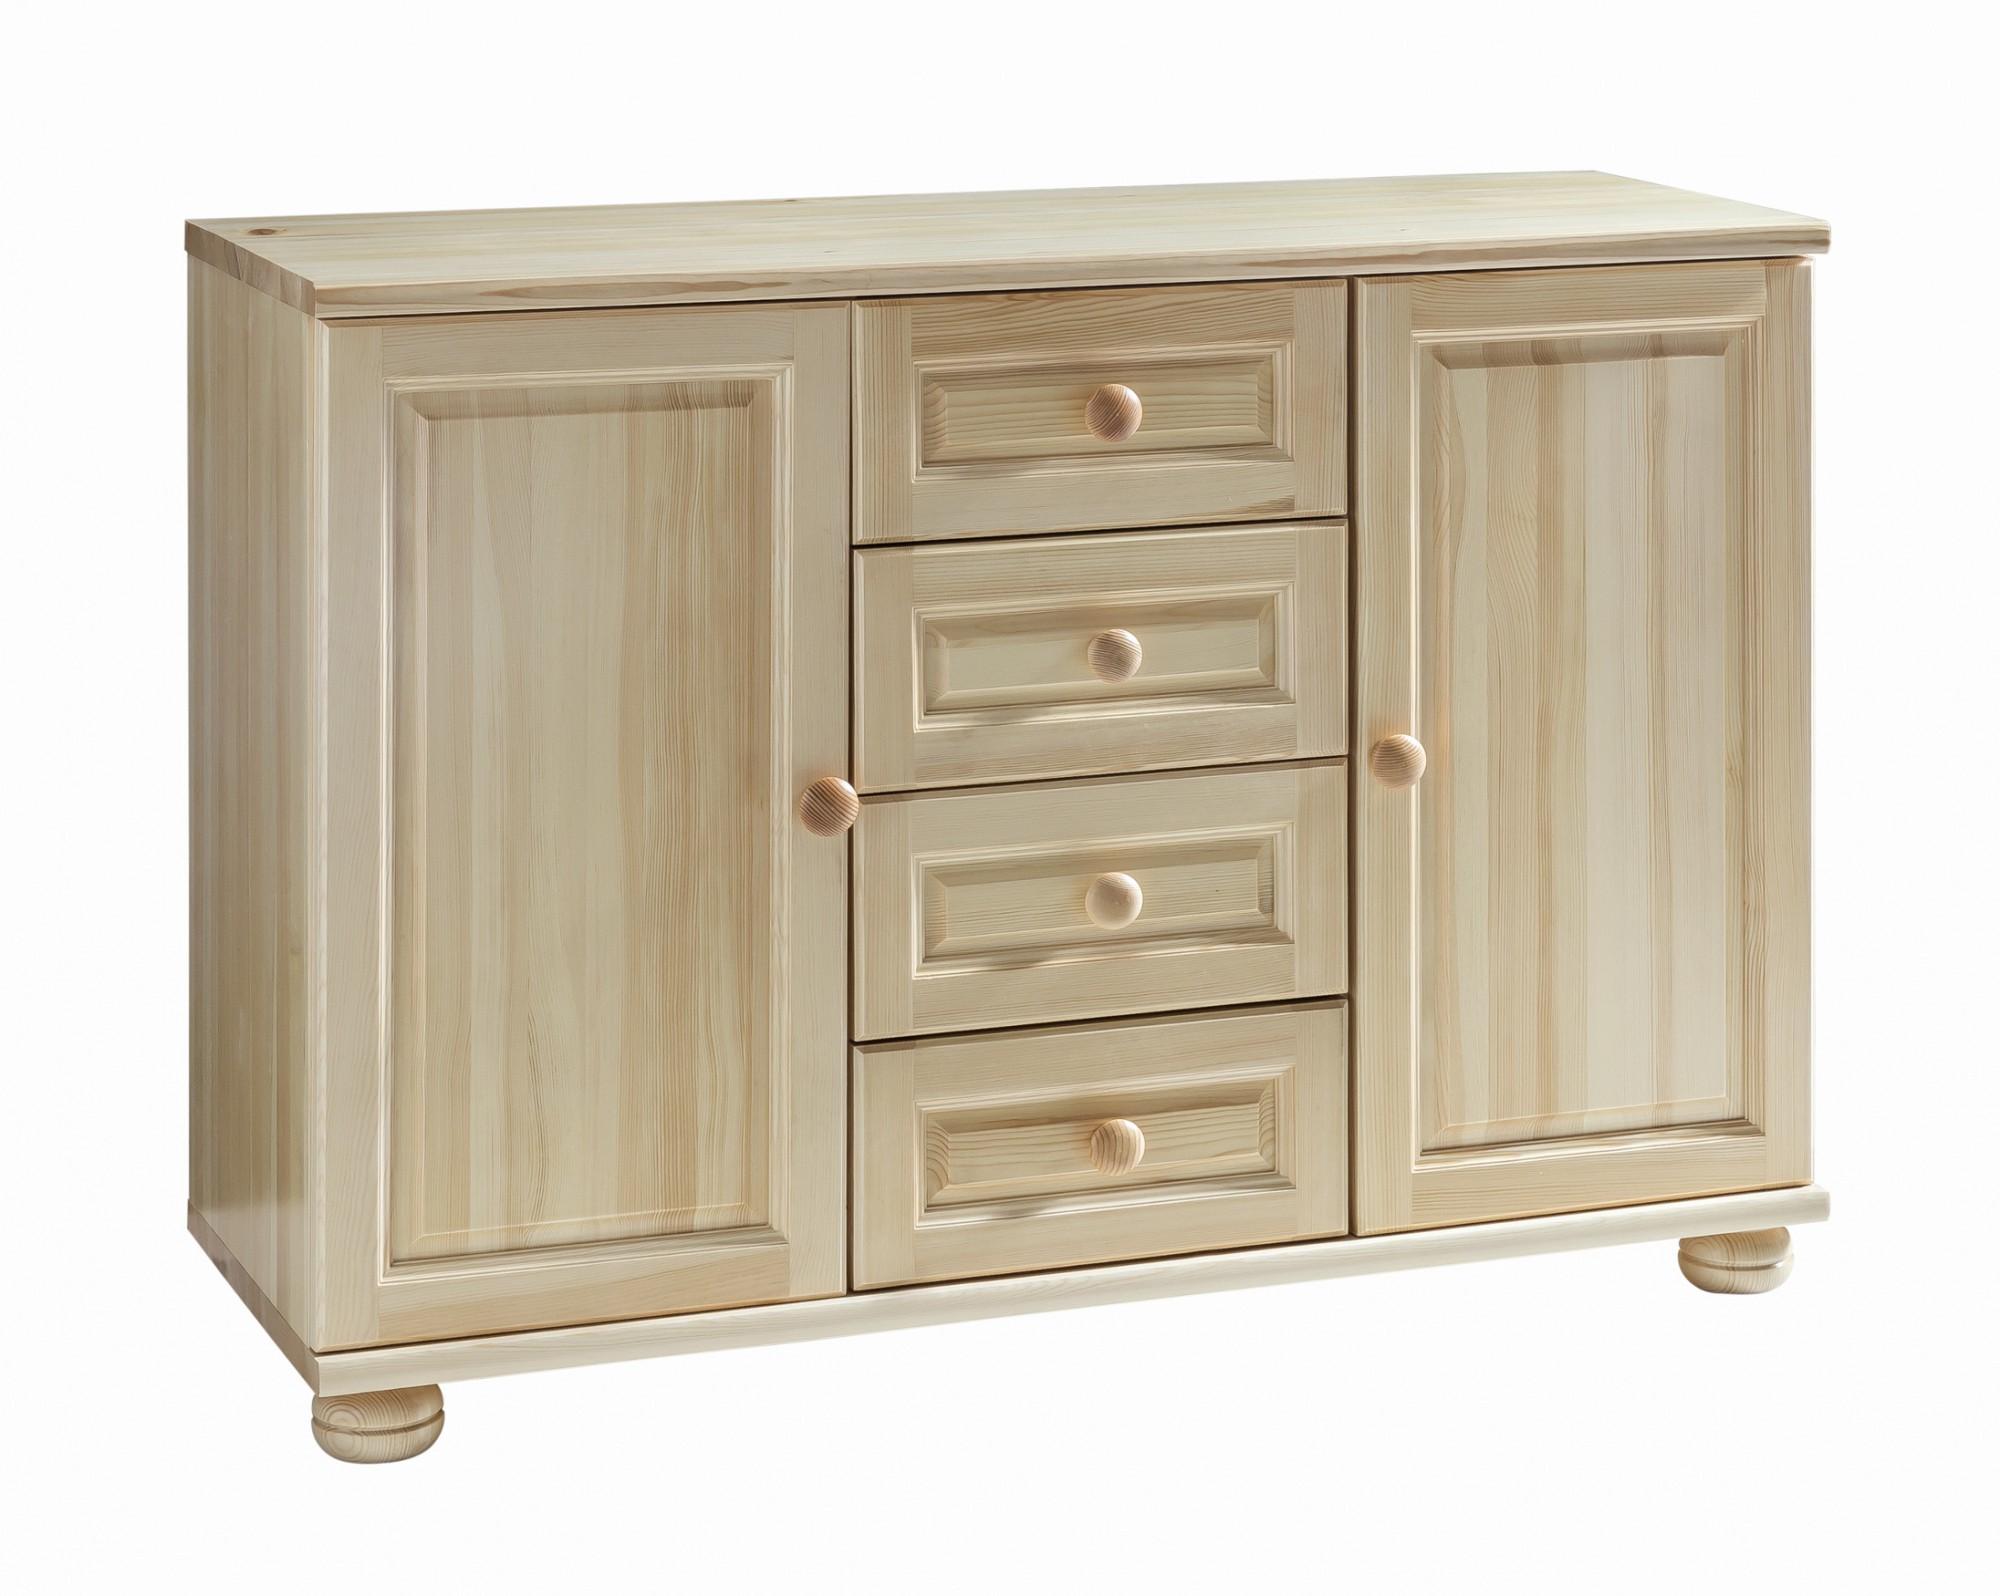 kommode vienna sideboard schrank 2 t ren 4 schubladen 120. Black Bedroom Furniture Sets. Home Design Ideas